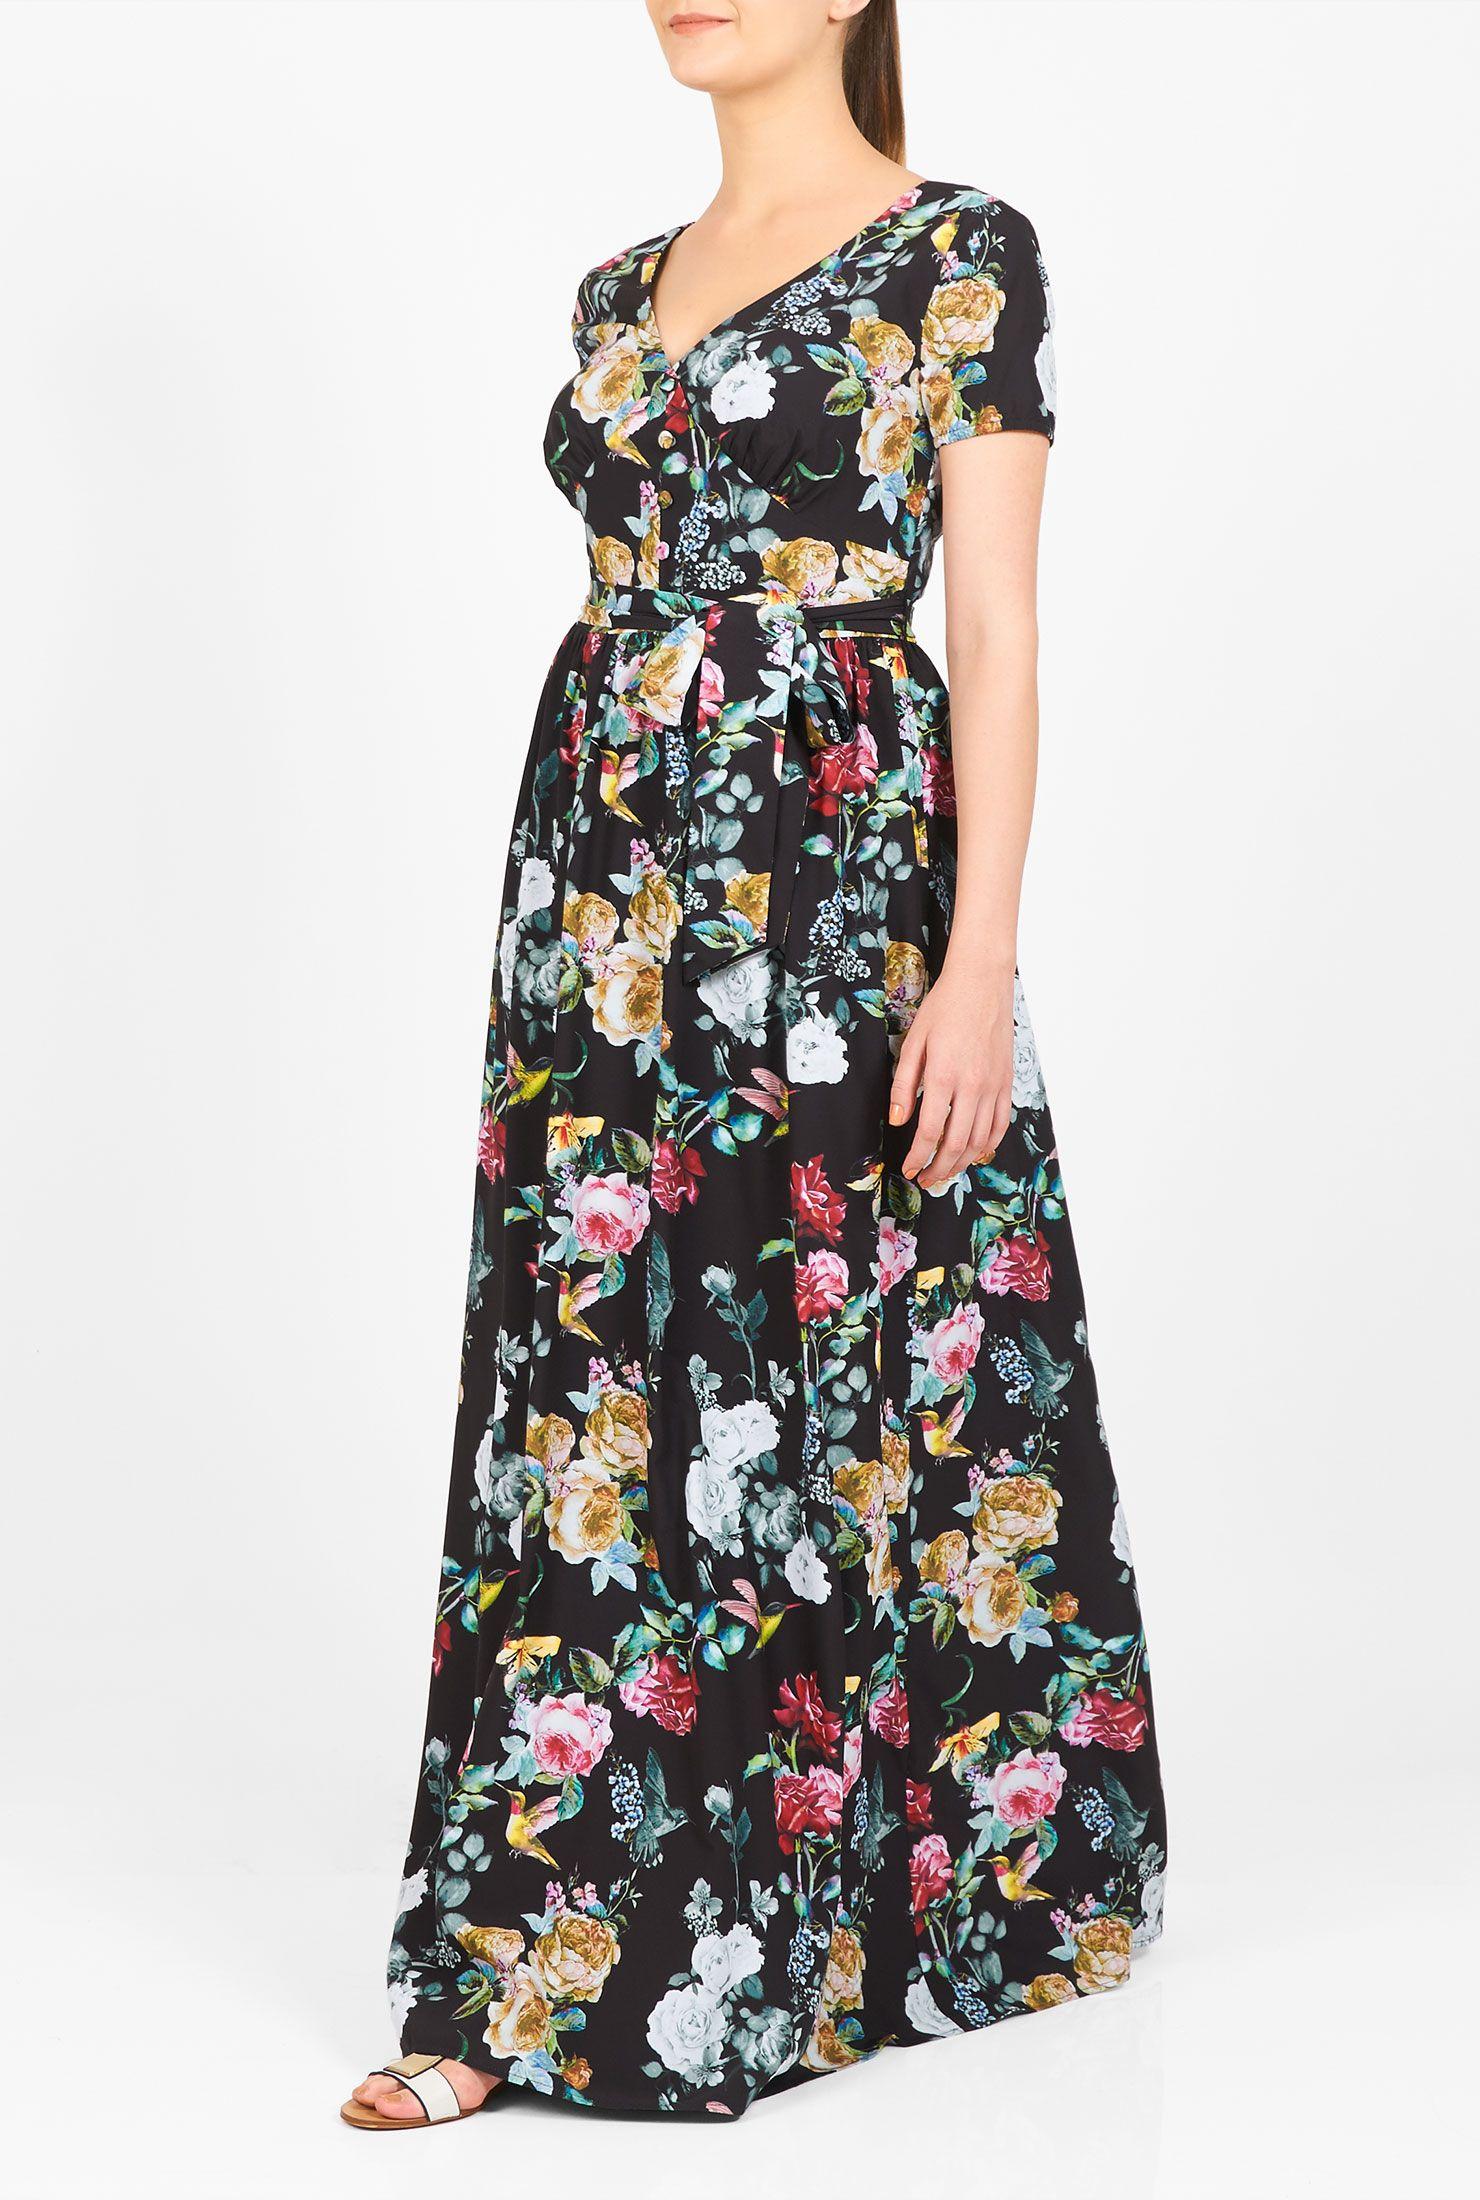 5dcf387cb9c crepe dresses